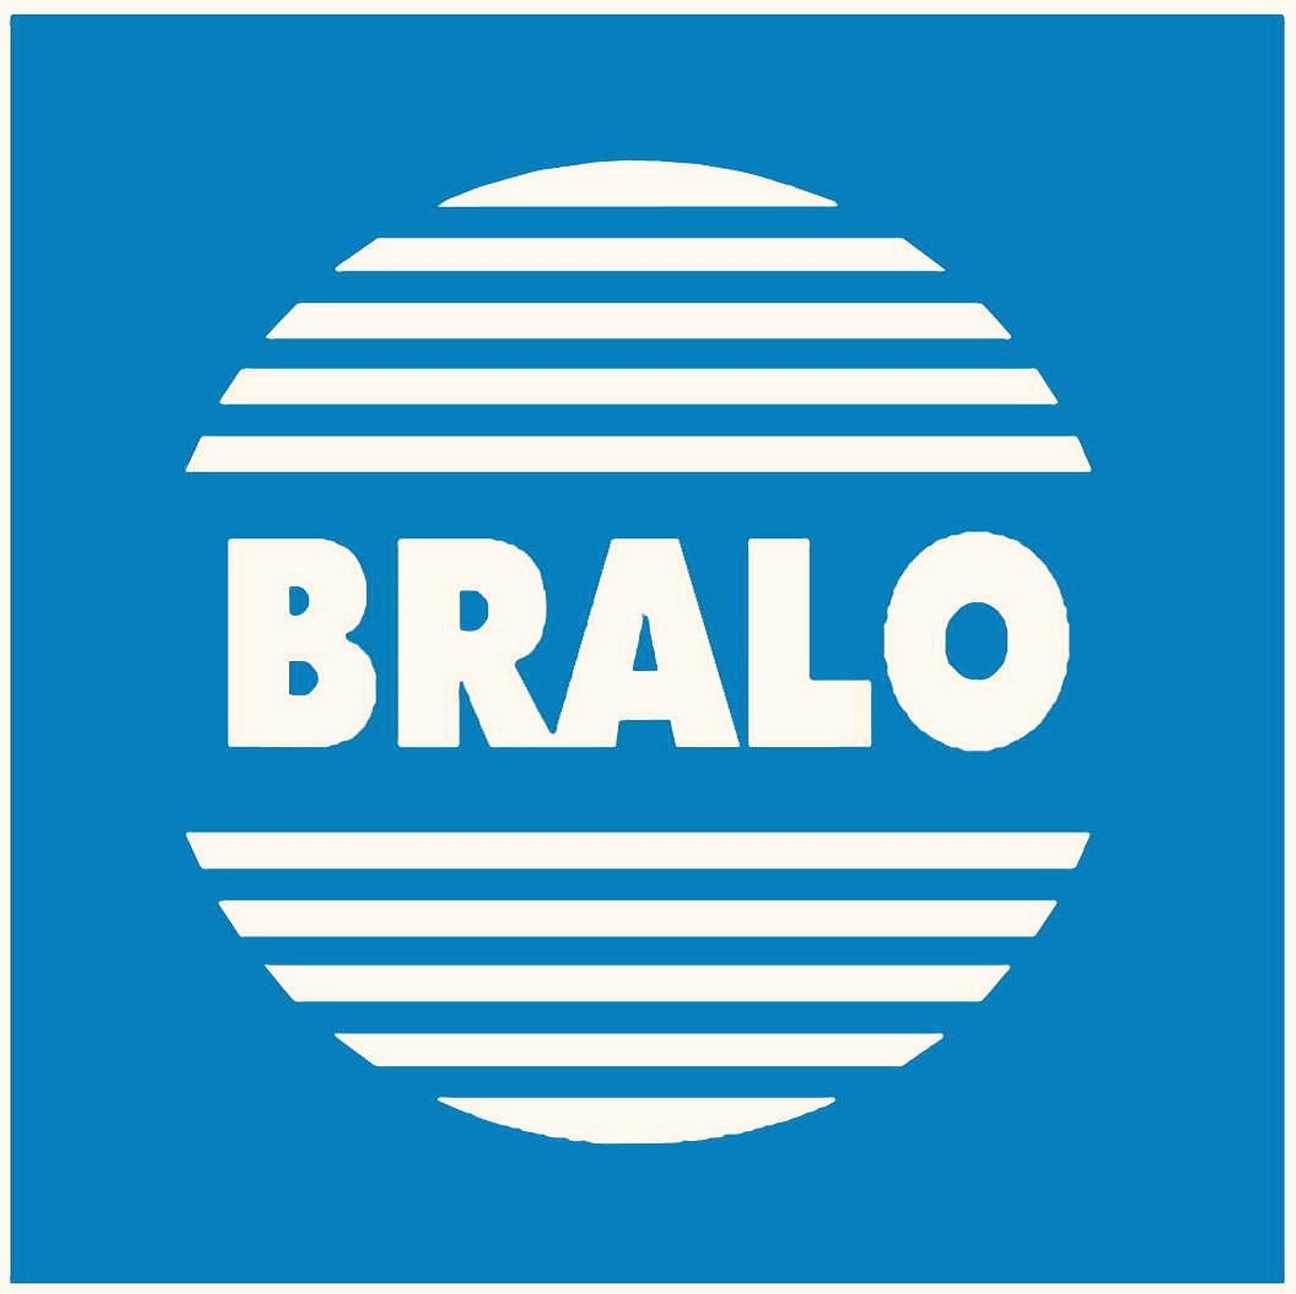 Bralo_logo.png